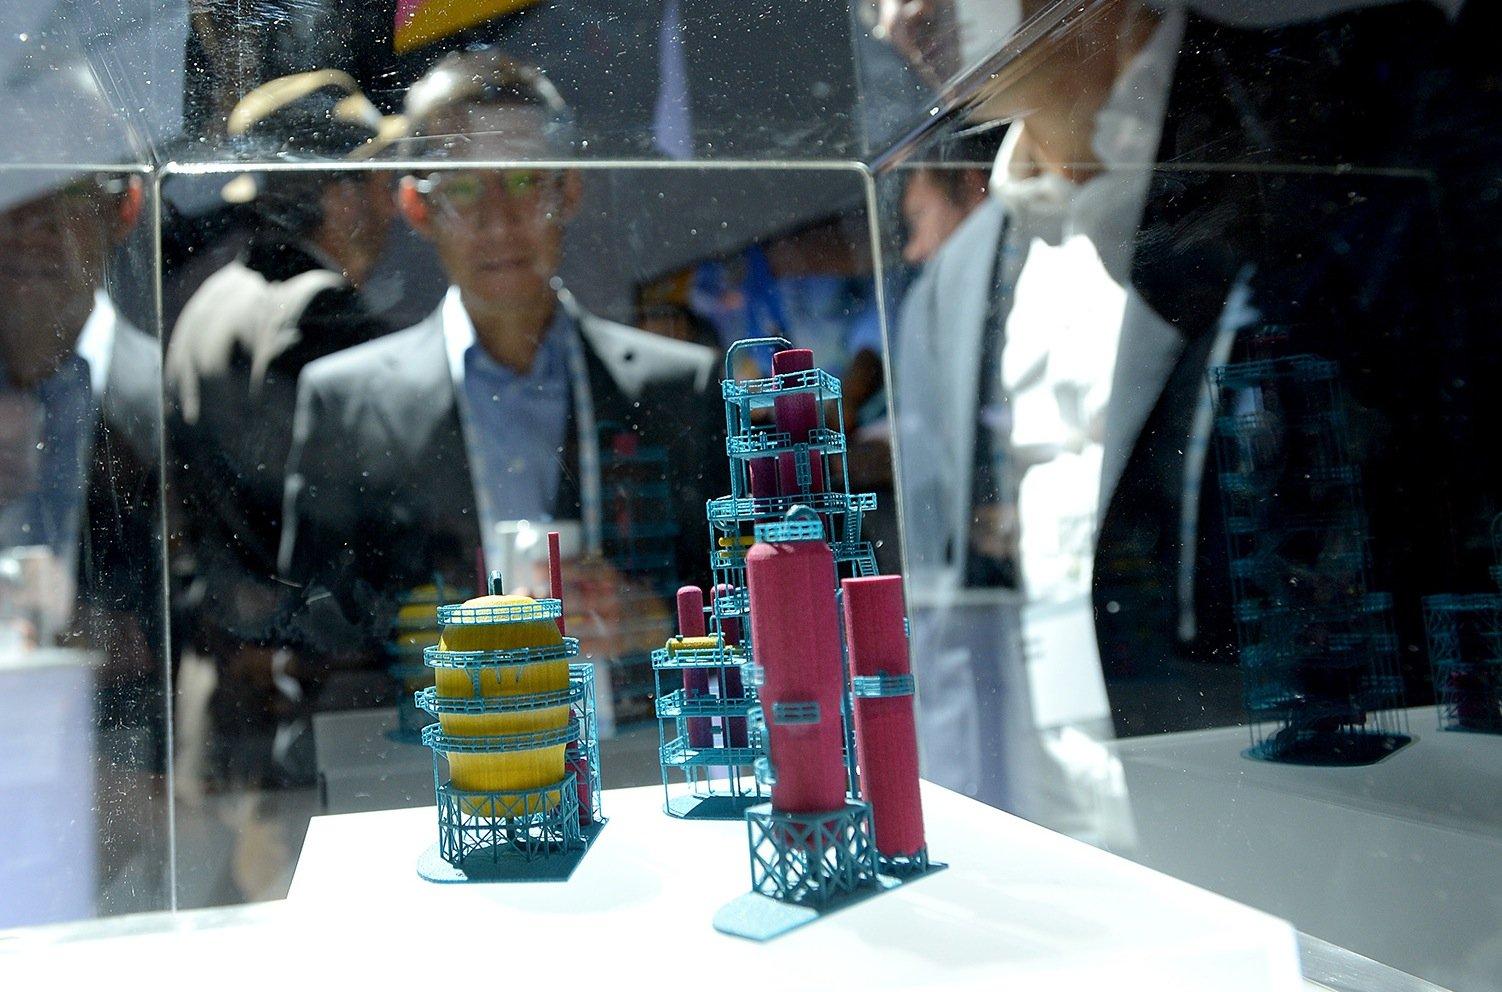 Filigrane Modelle, hergestellt mit dem neuen 3D-DrucksystemJet Fusion von Hewlett Packard.